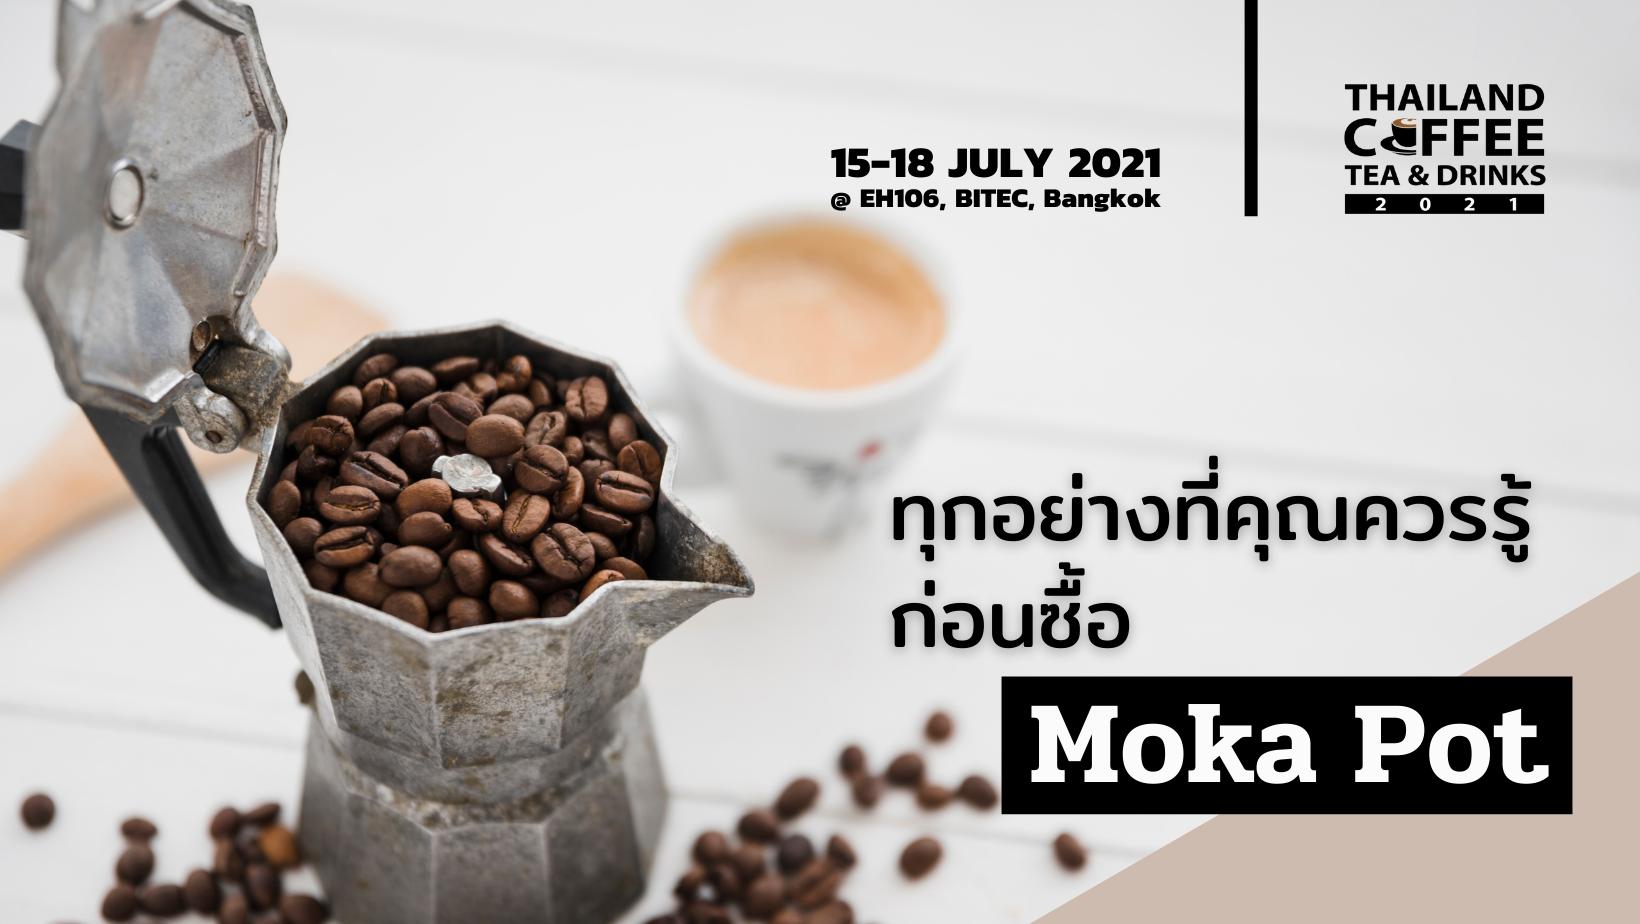 ทุกอย่างที่คุณควรรู้ก่อนซื้อ Moka Pot